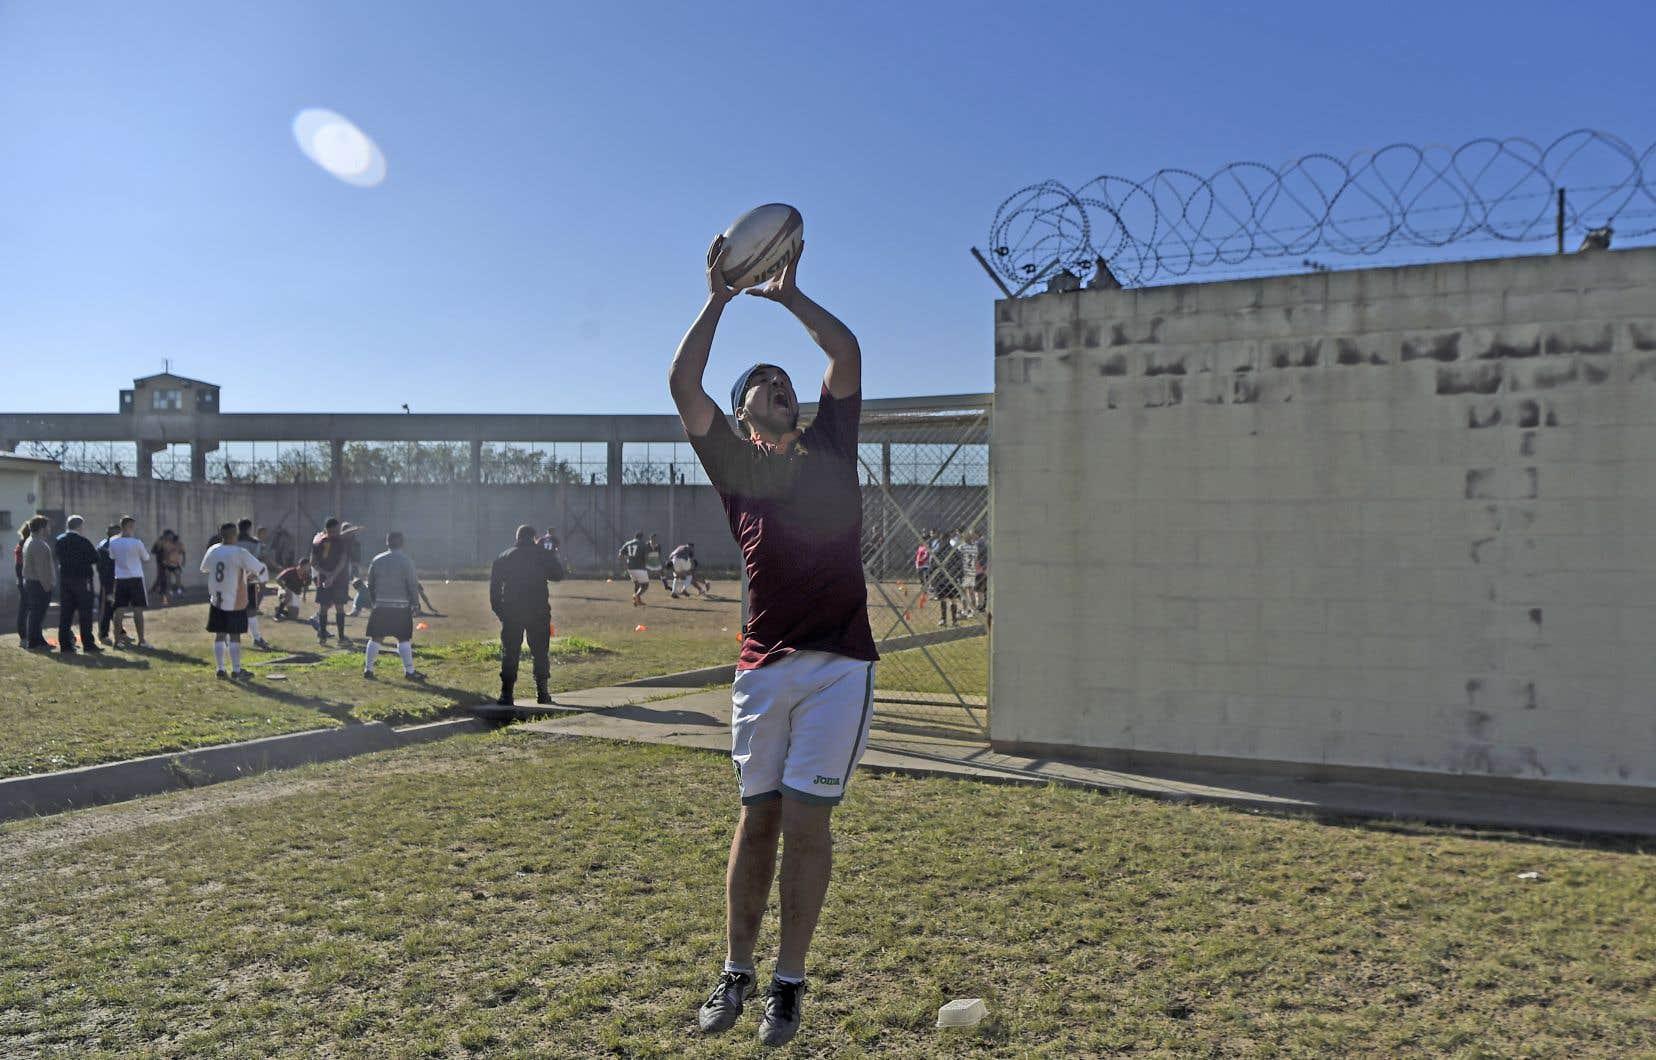 Aujourd'hui, sur les 1100 prisonniers de San Martin, 350 jouent au rugby plusieurs fois par semaine.